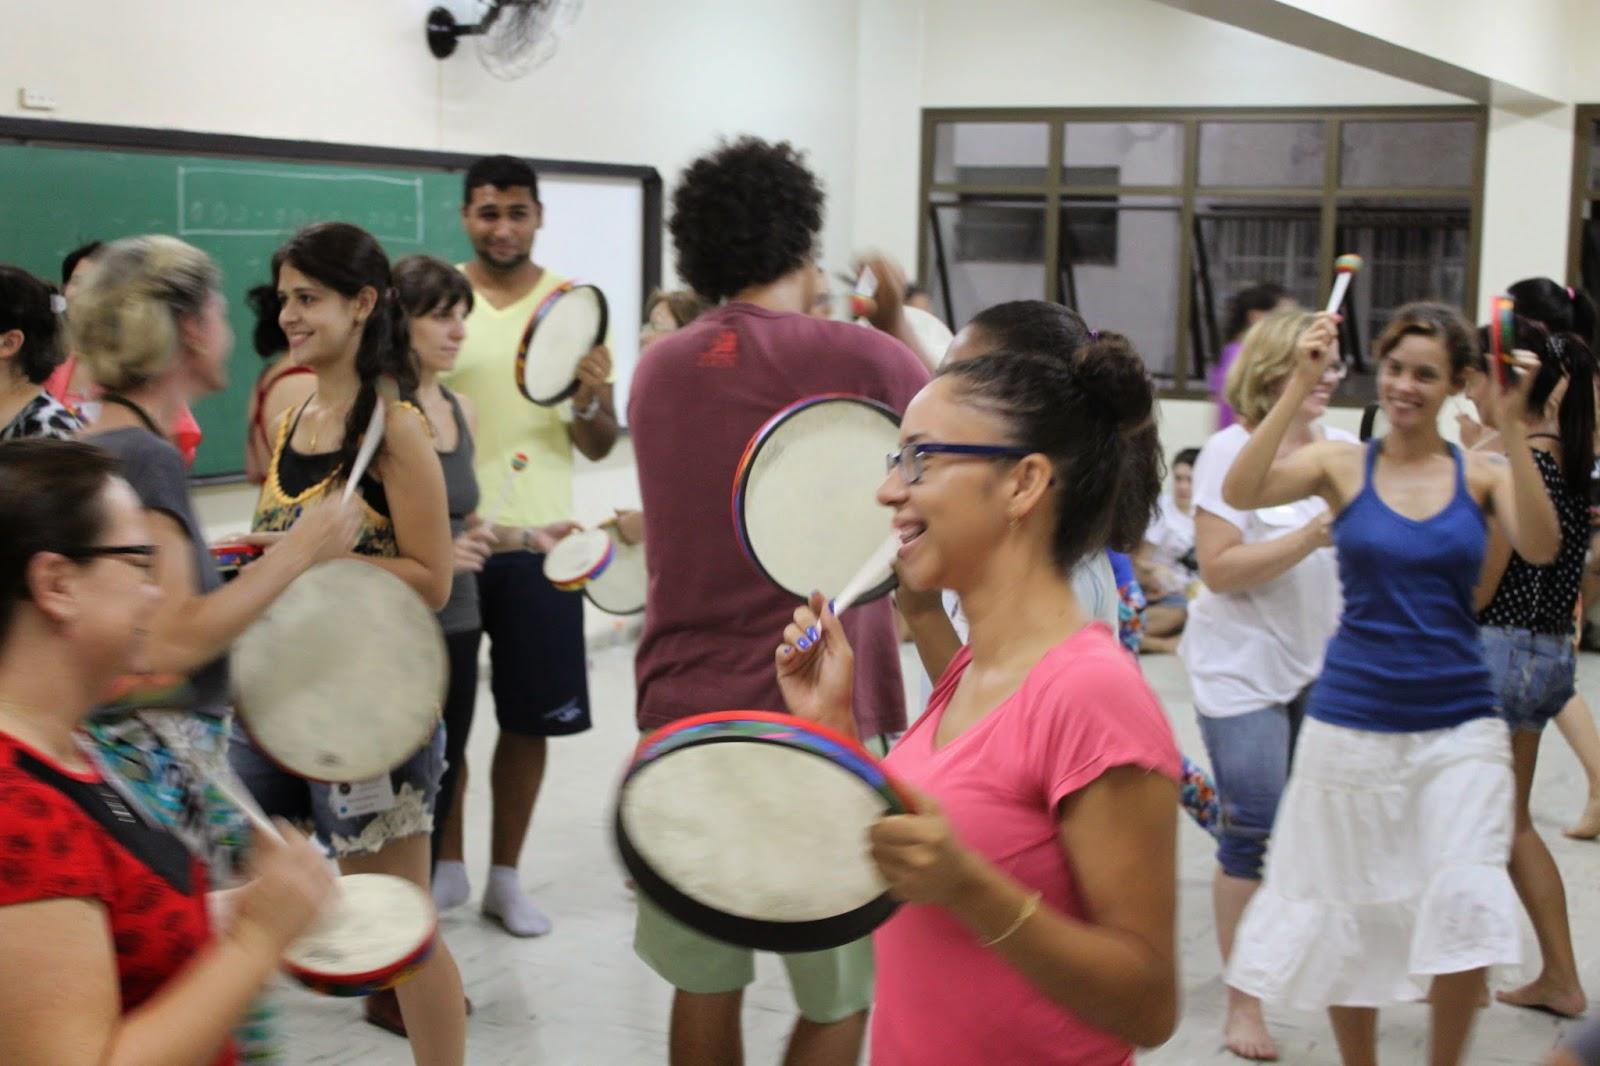 Descrição da Foto: Participantes estão caminhando em diversas direções tocando o tambor. Todos sorridentes.